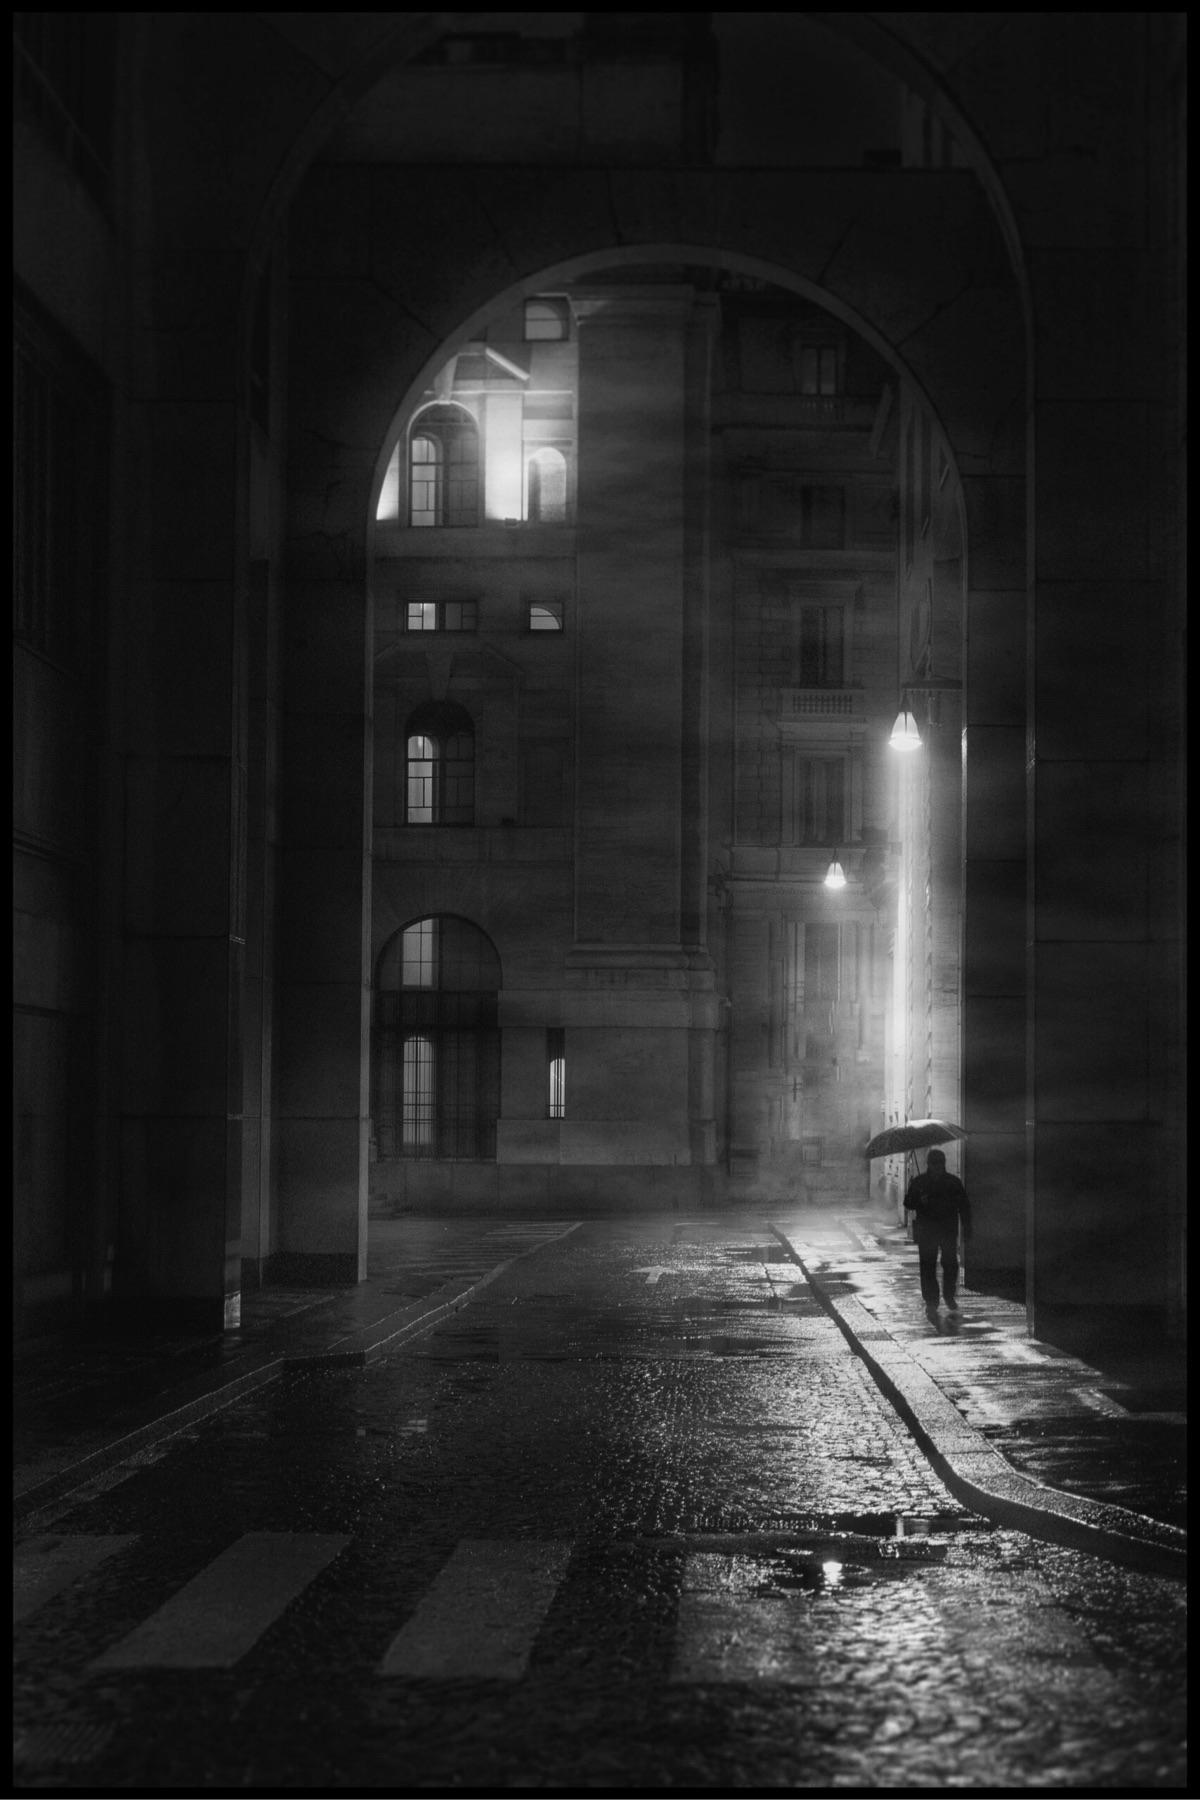 Rainy Days - rain, blackandwhite - marcogaia | ello